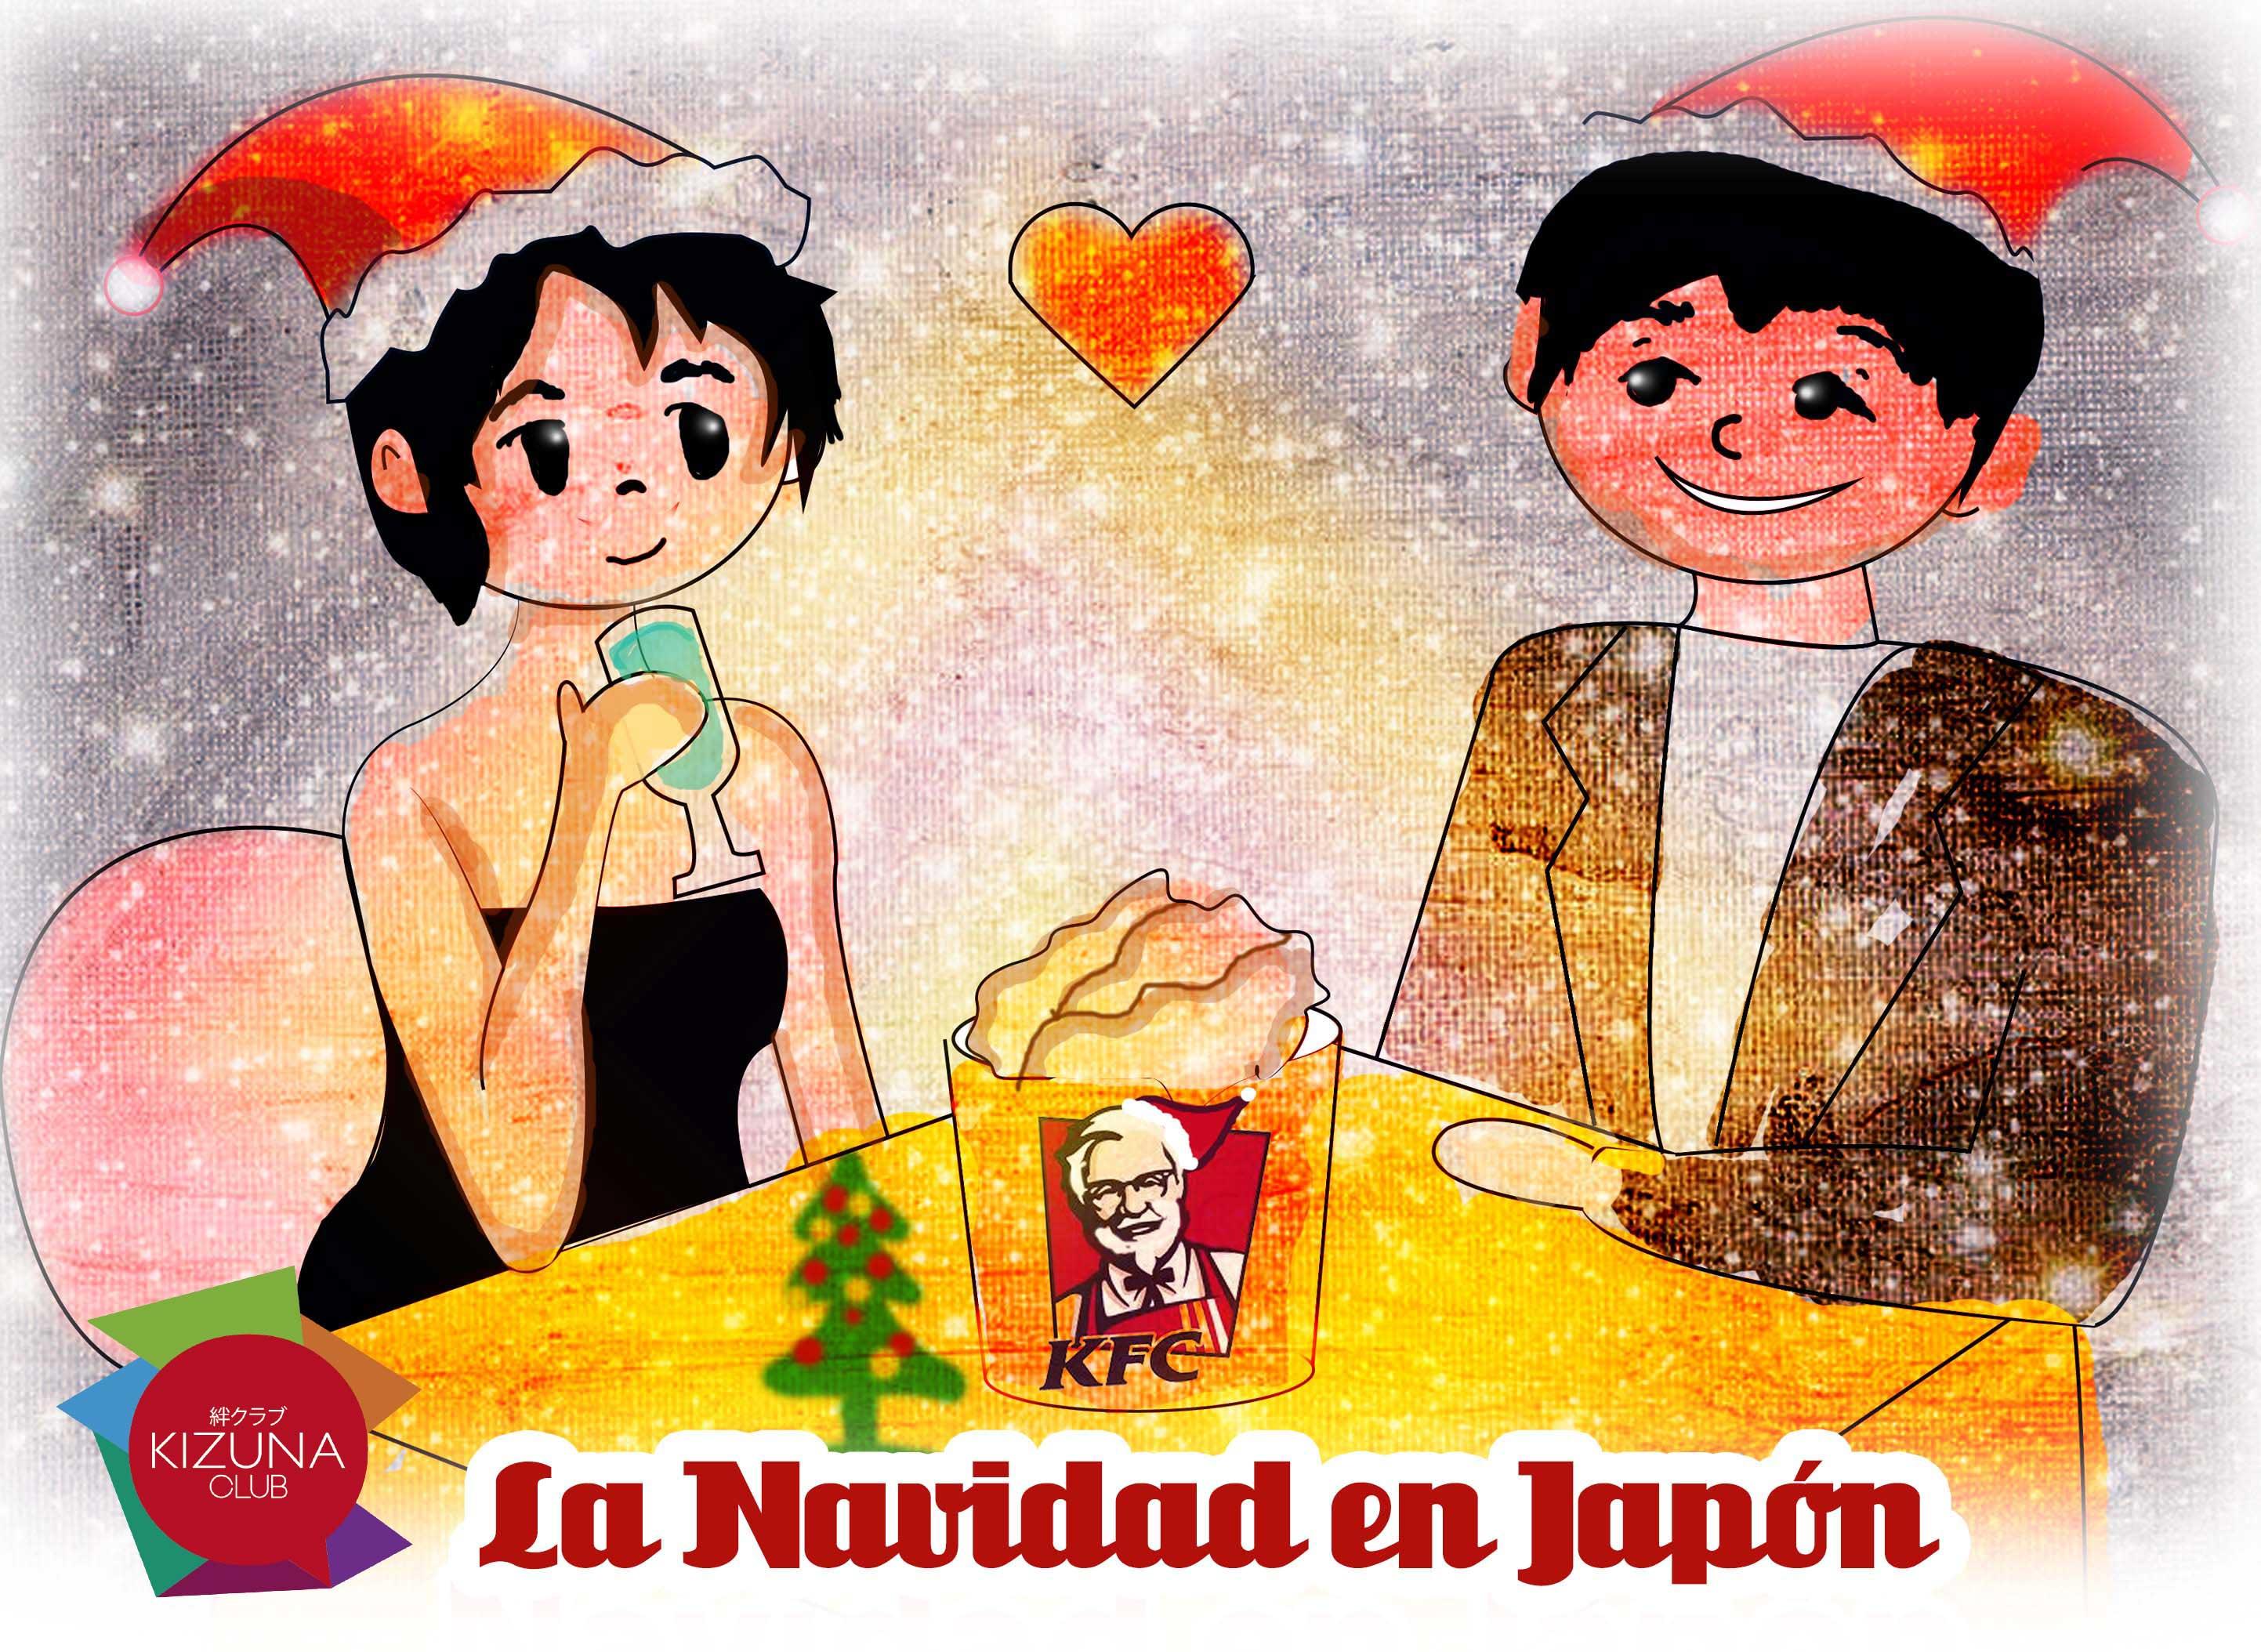 7 datos curiosos sobre la navidad en Japón